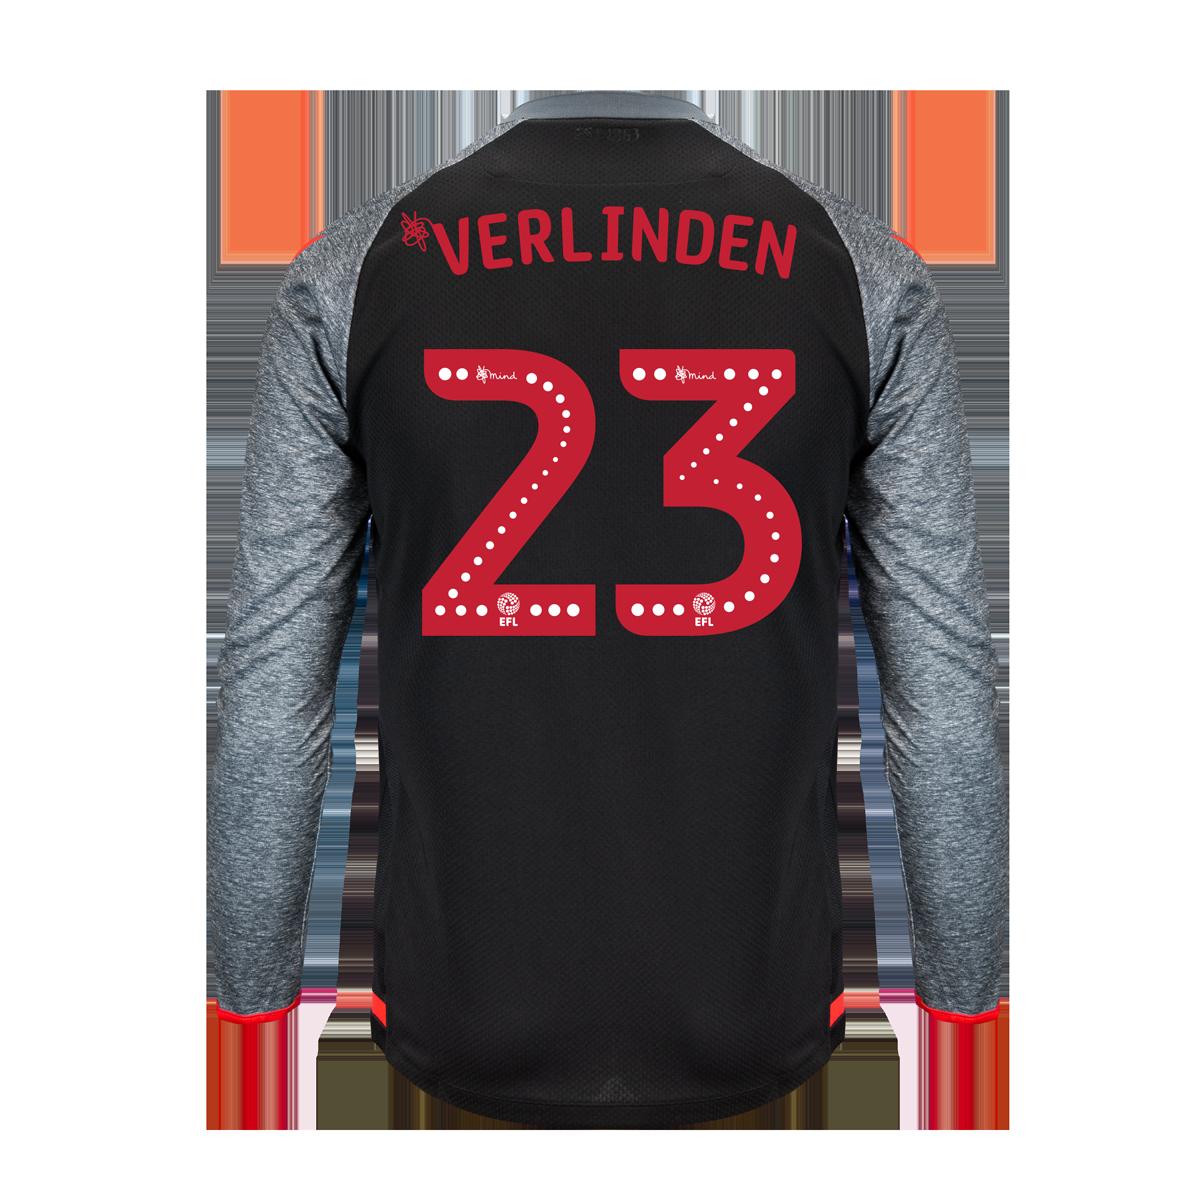 2019/20 Adult Away LS Shirt - Verlinden